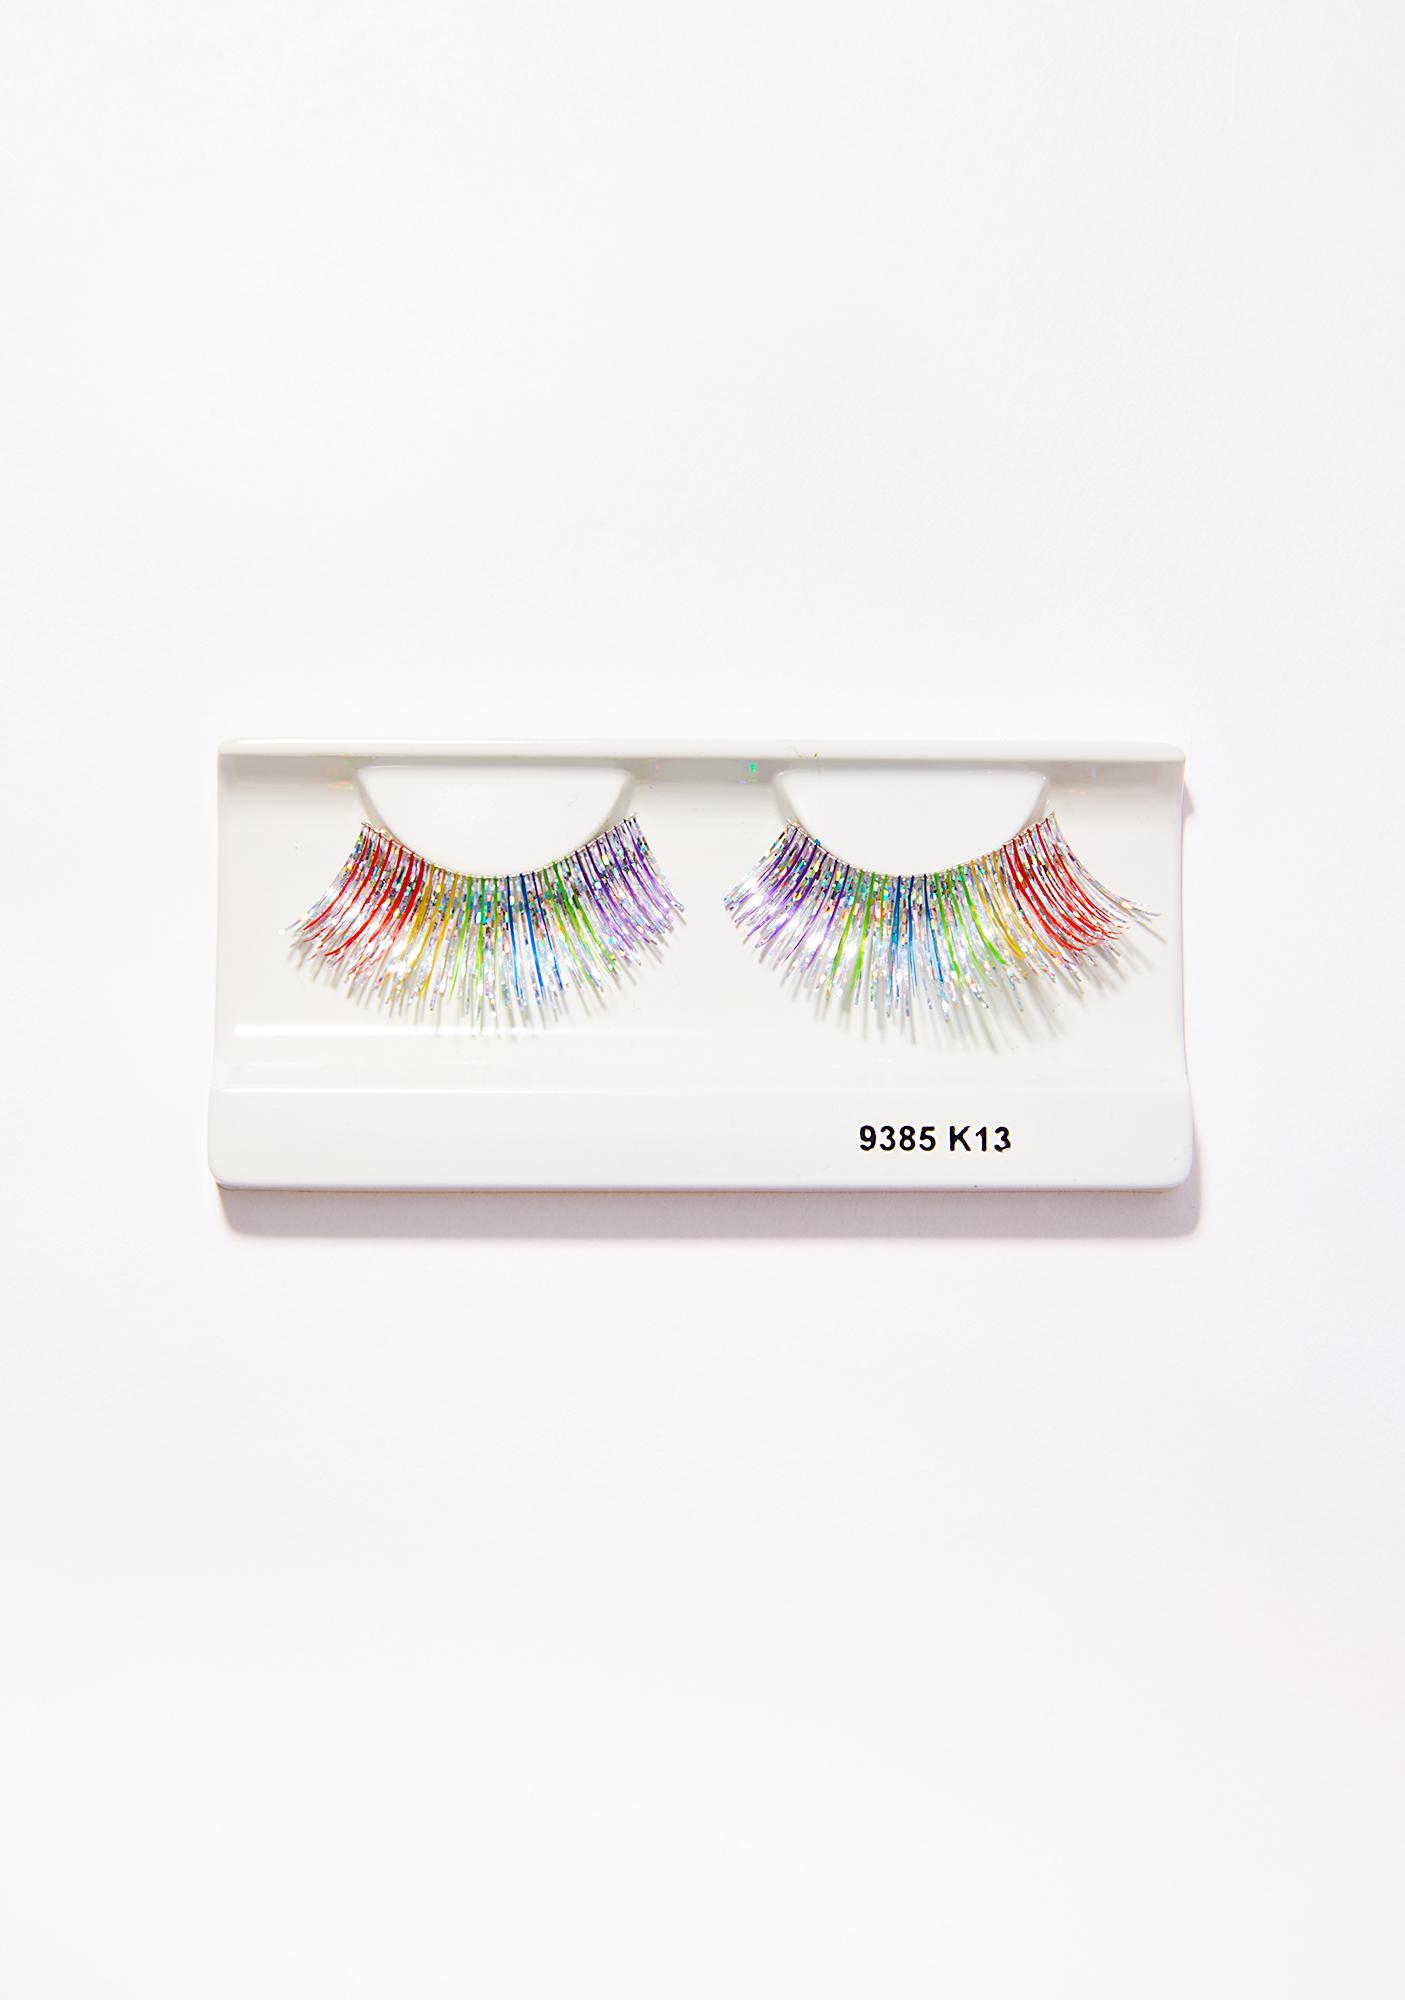 Kryolan Show Bizz K13 Eyelashes